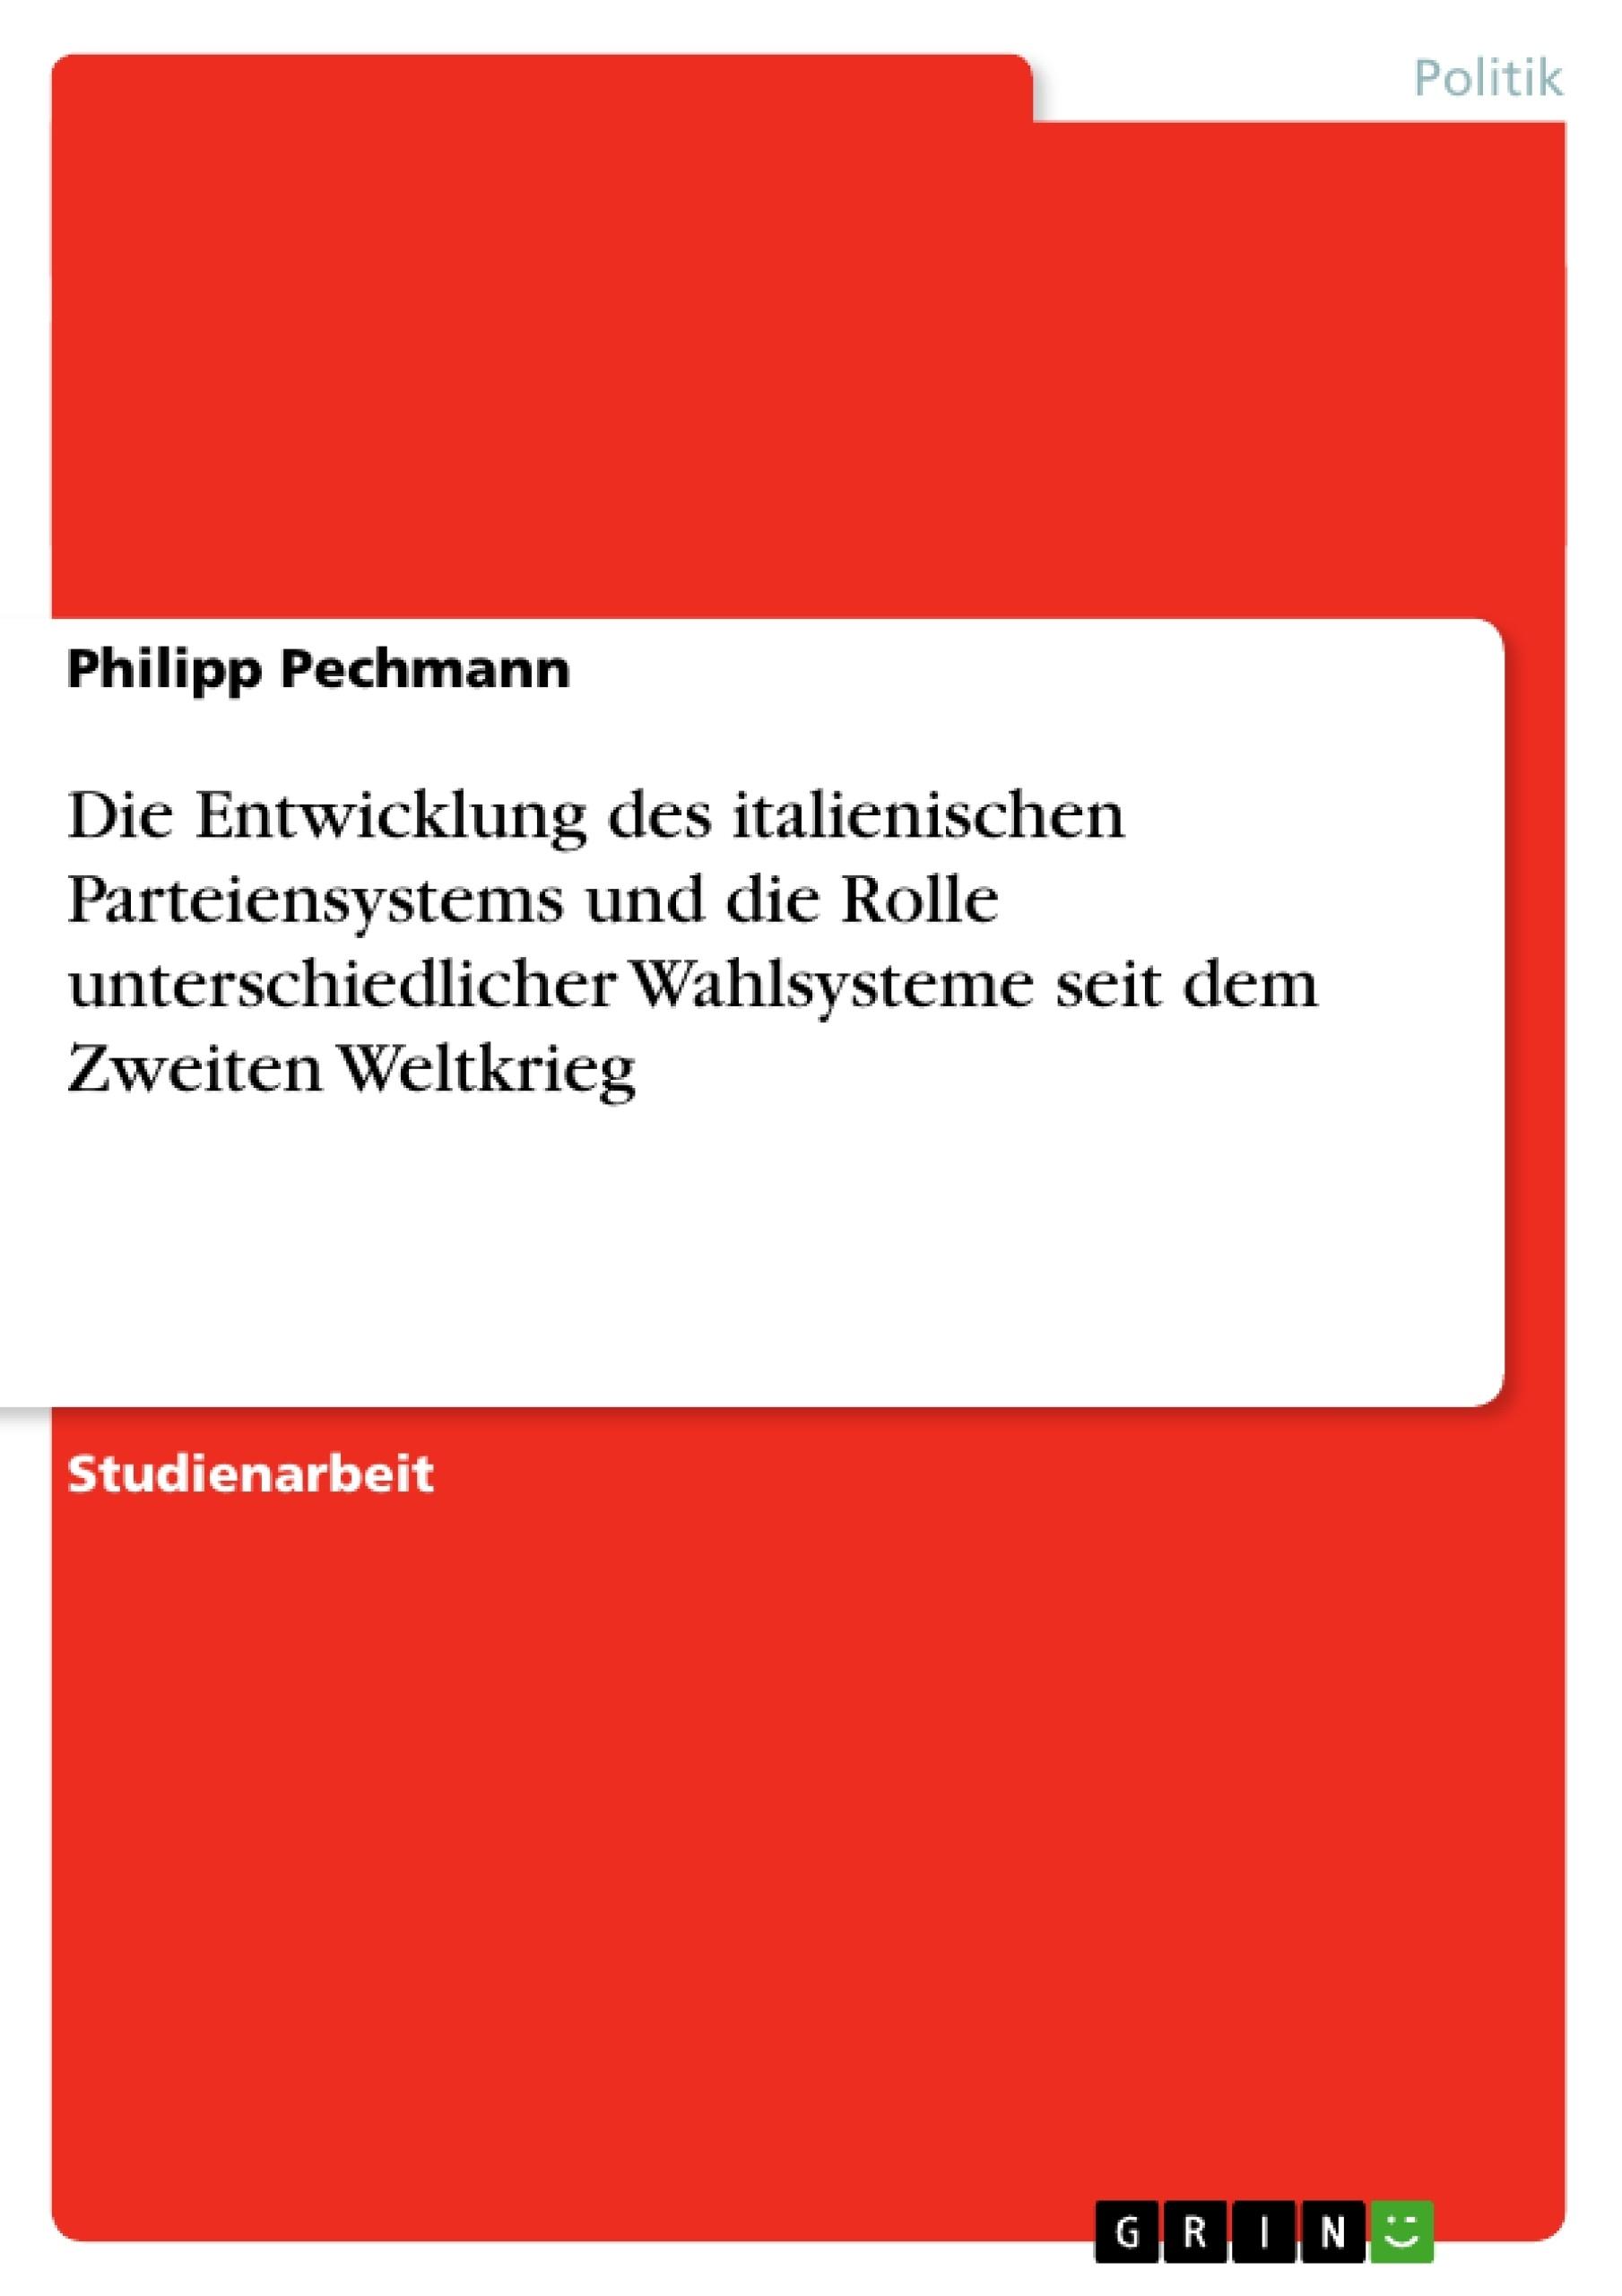 Titel: Die Entwicklung des italienischen Parteiensystems und die Rolle unterschiedlicher Wahlsysteme seit dem Zweiten Weltkrieg